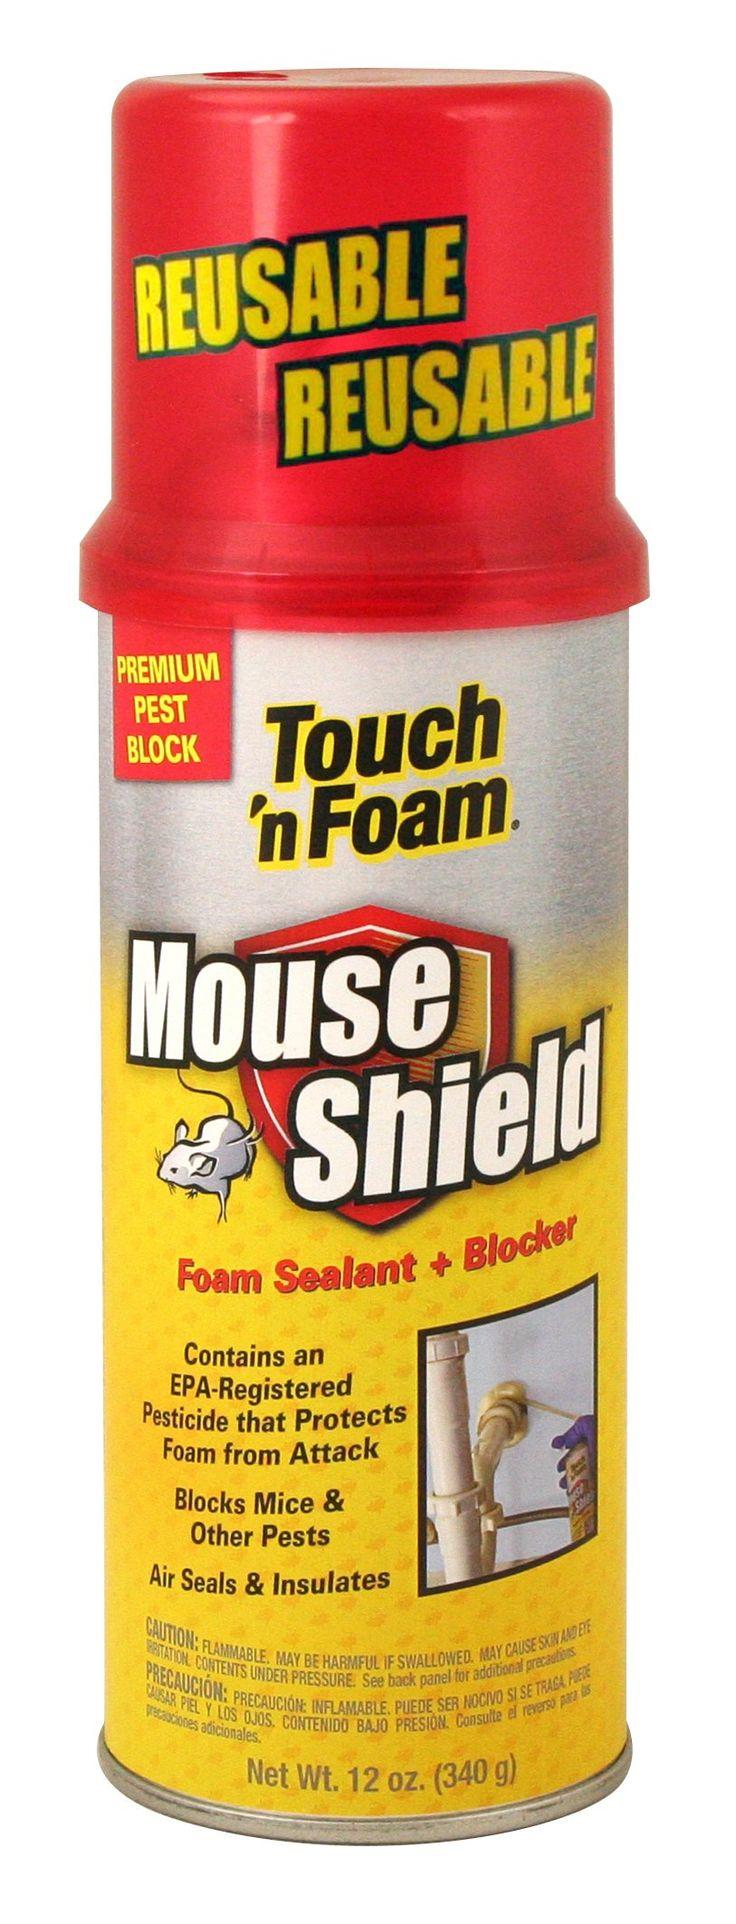 TouchNFoam 4001012506 Mouse Shield Foam Sealant